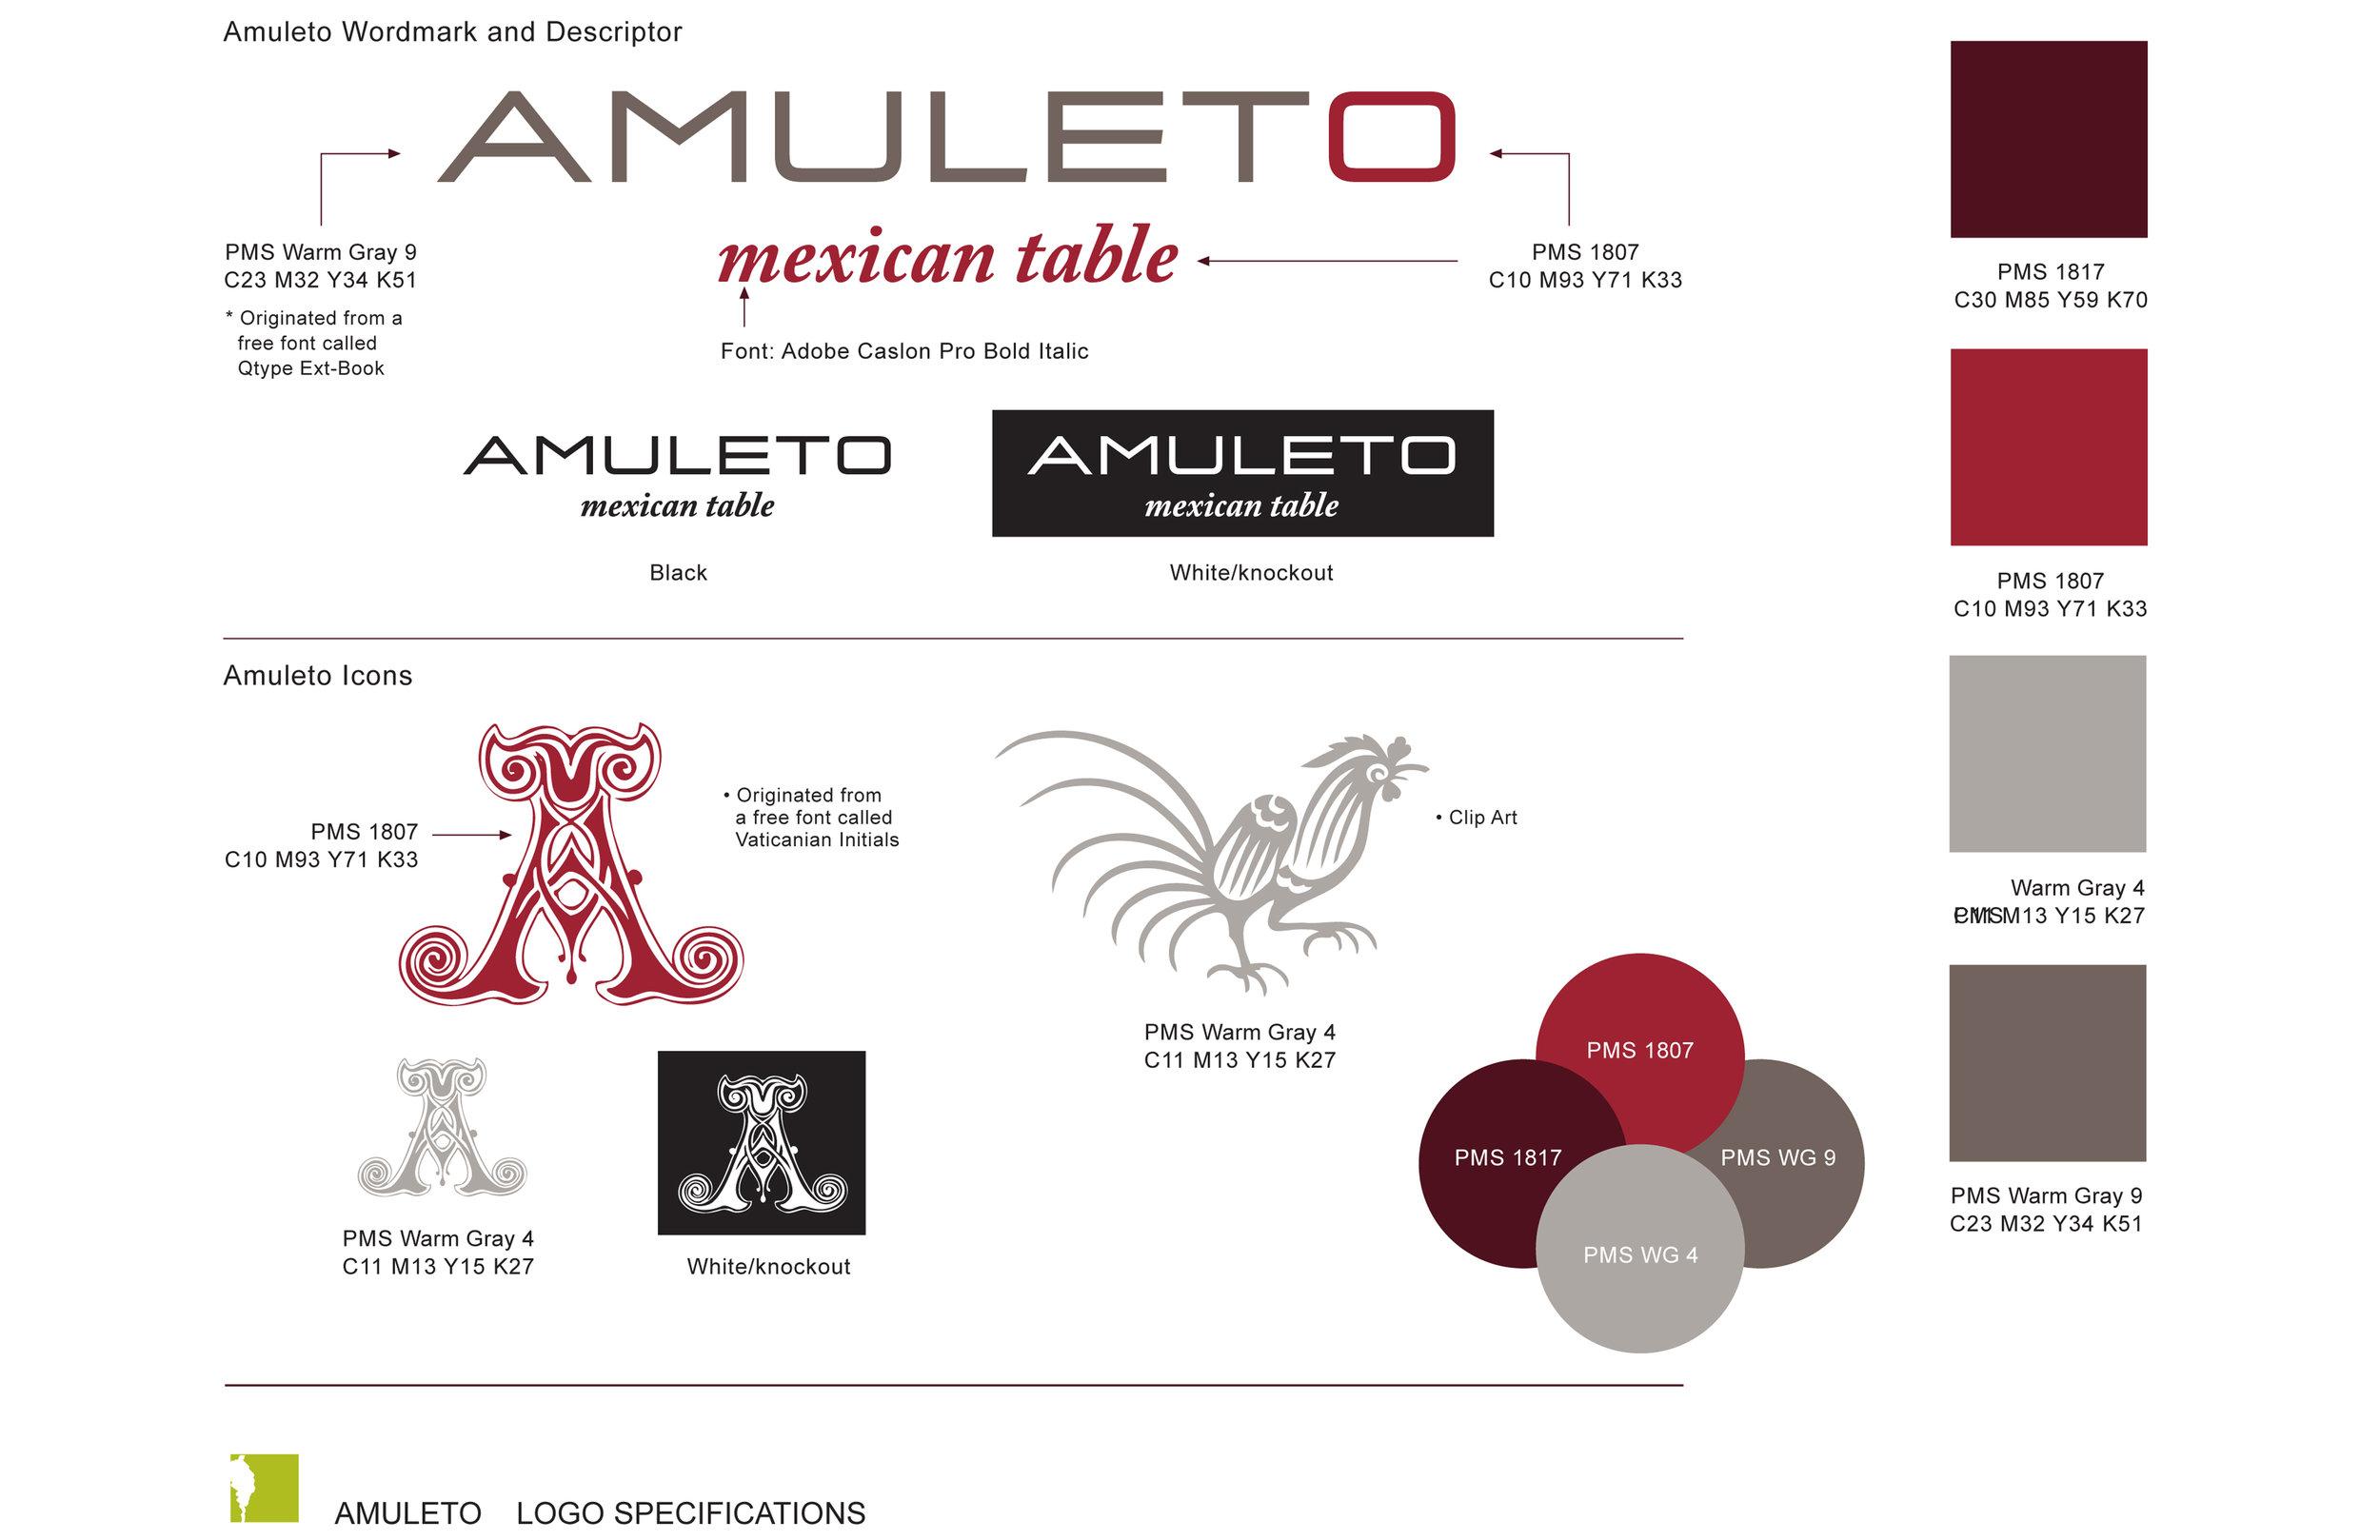 amuleto.jpg